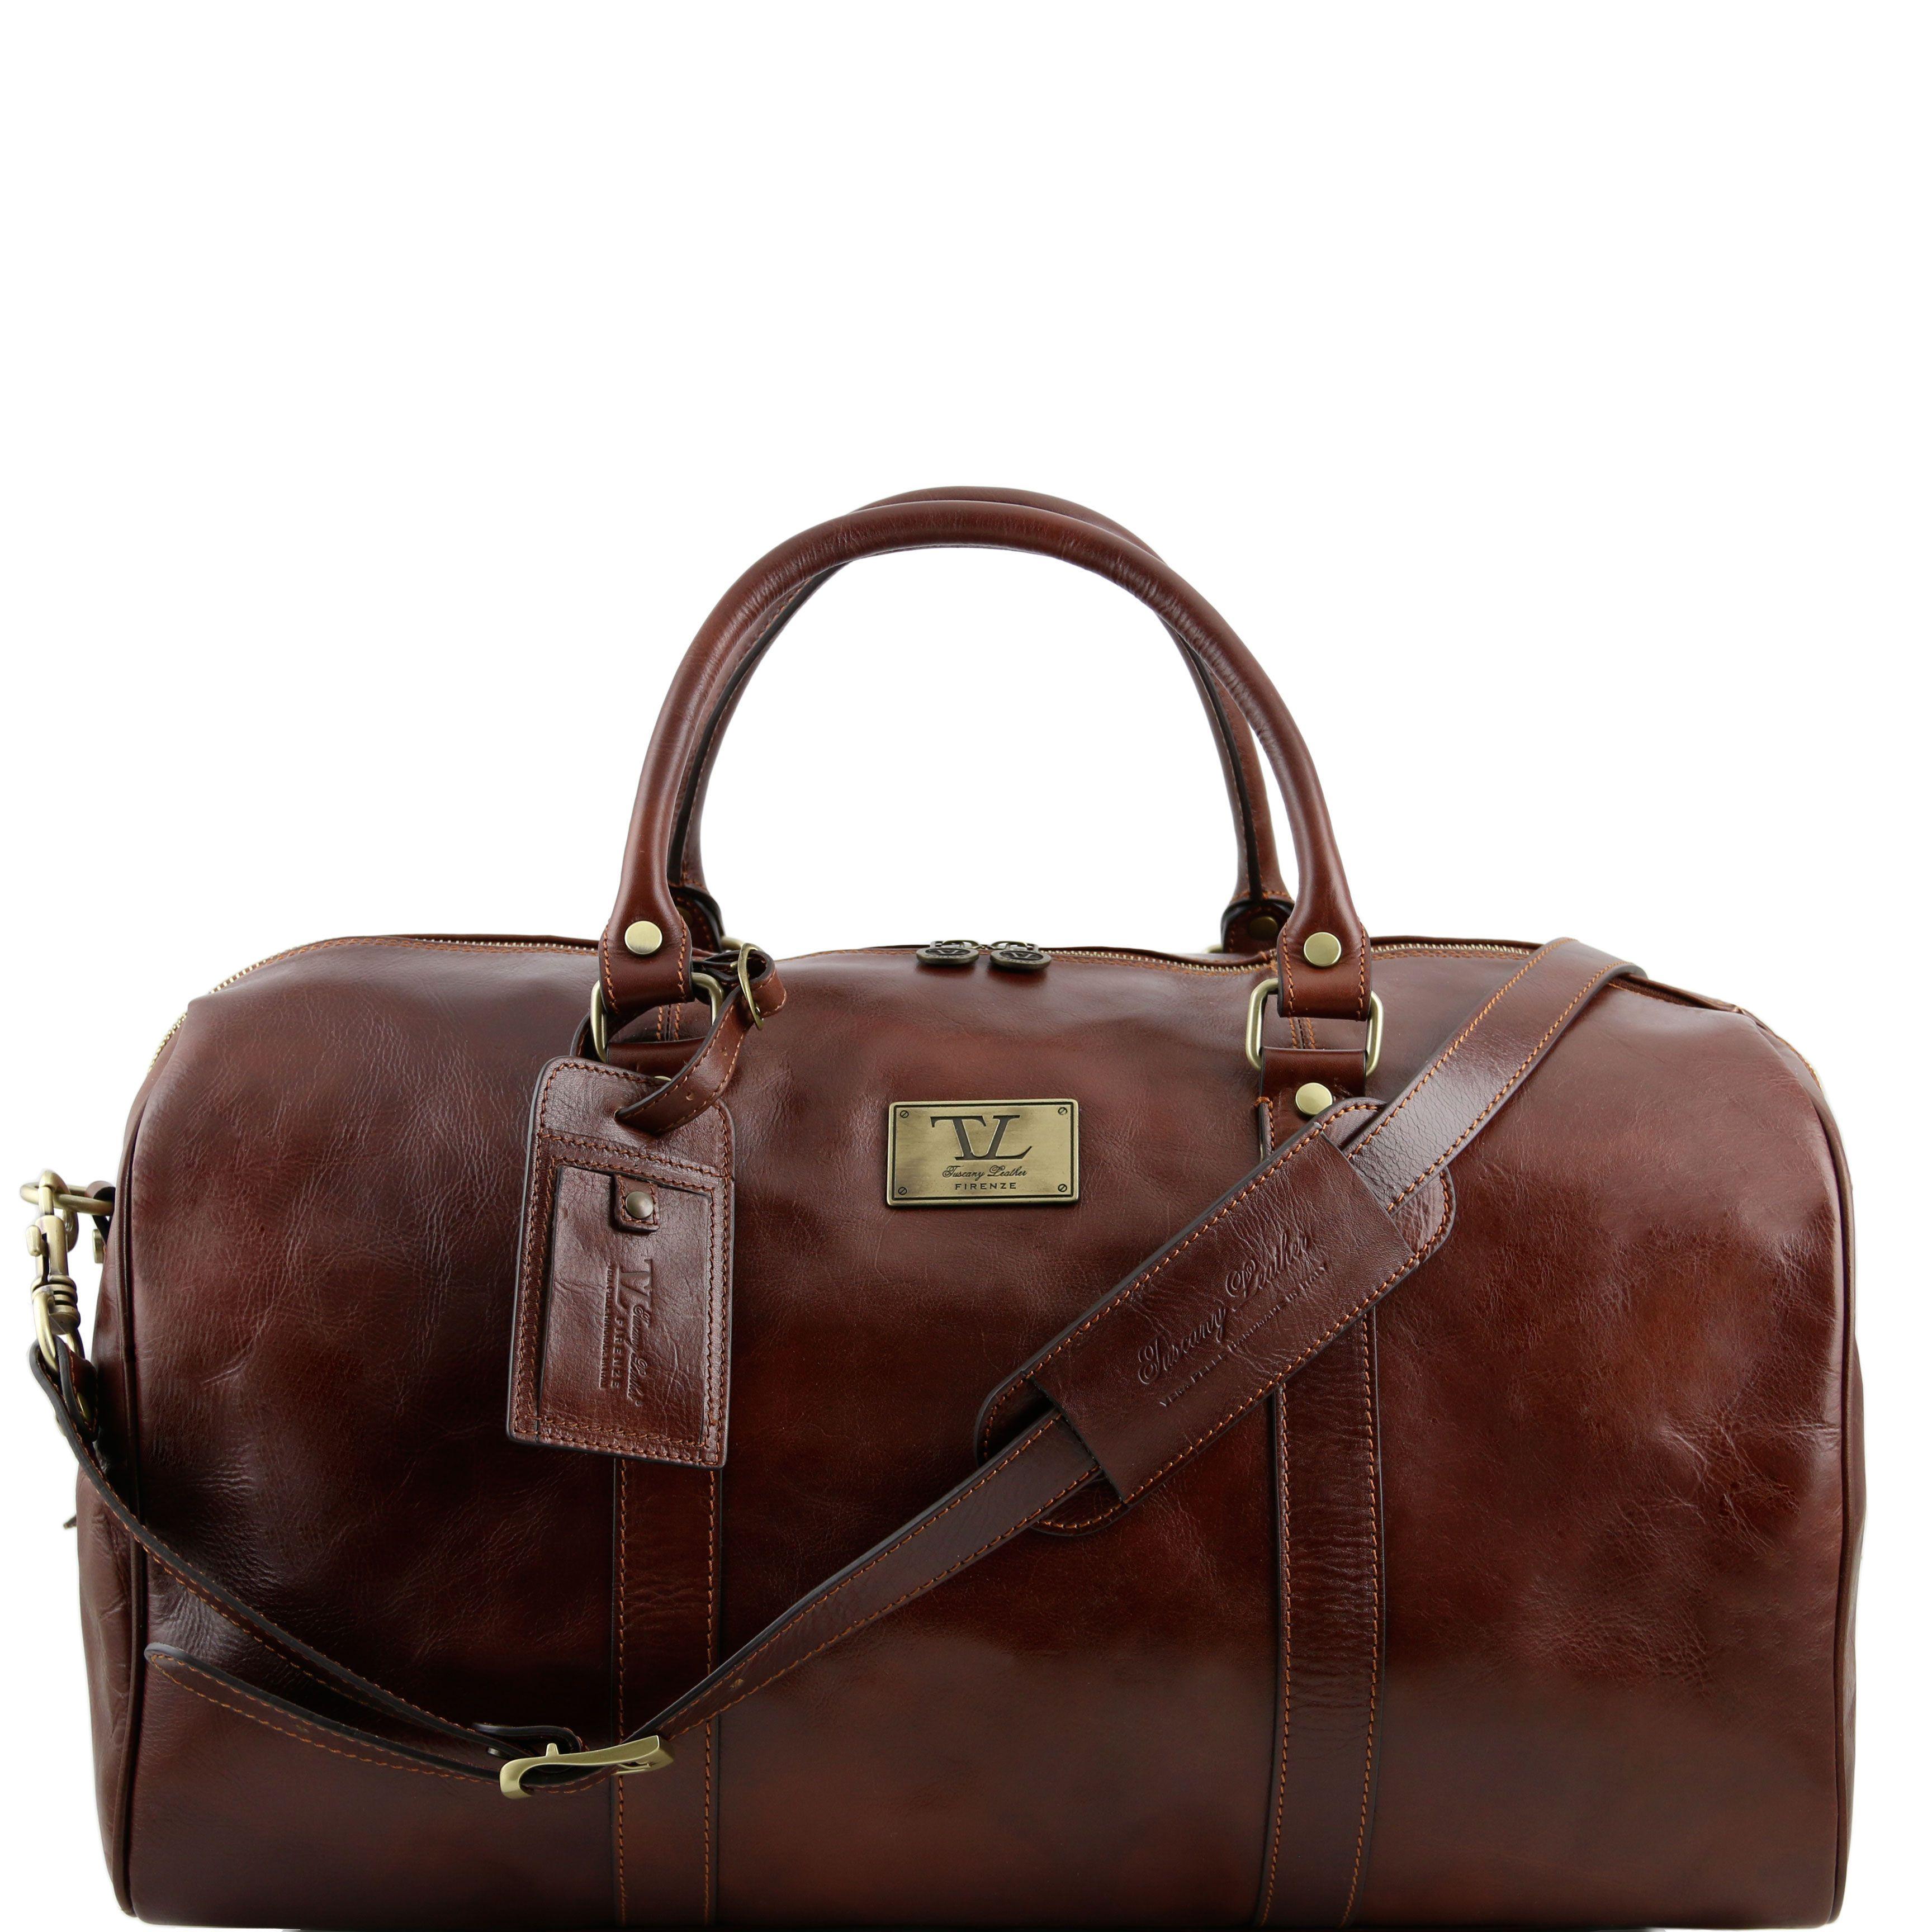 Tuscany Leather TL Voyager Sac de voyage en cuir avec boucles - Petit modèle Miel ISx5C13